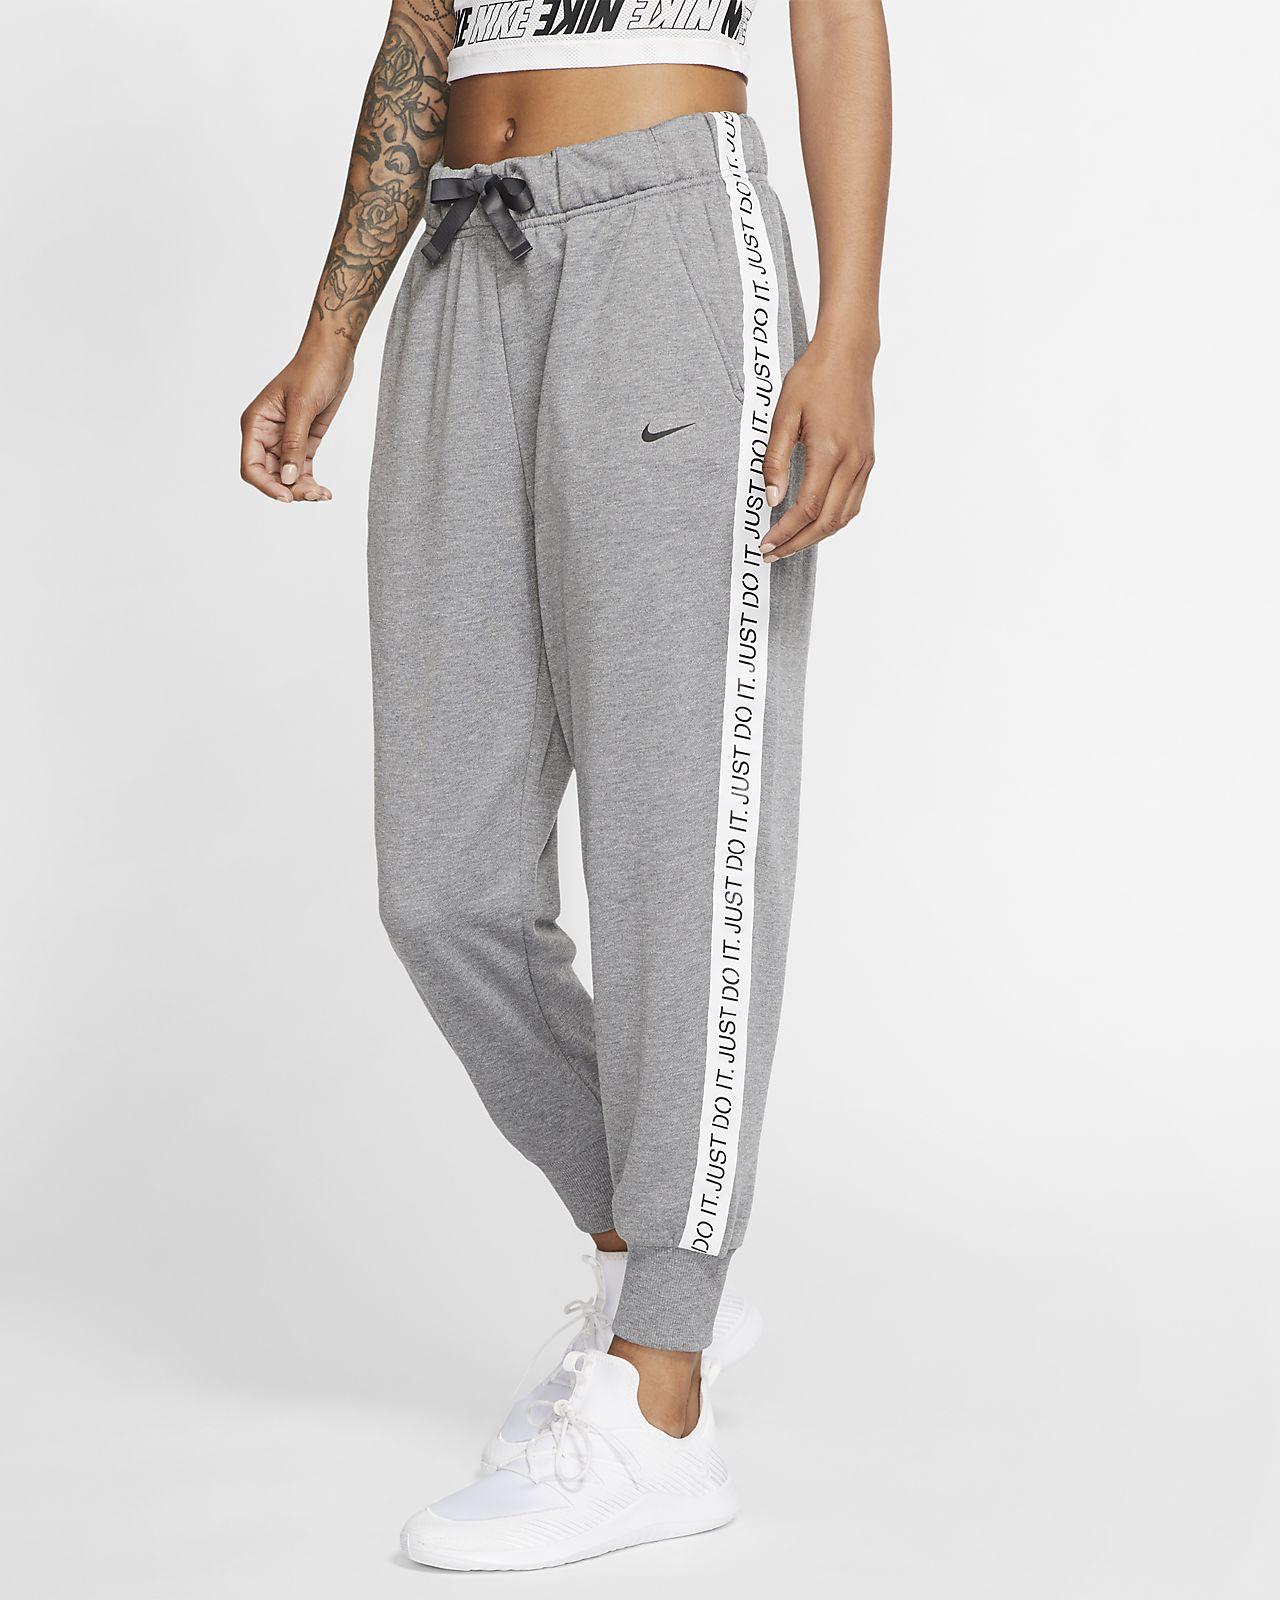 Pantalon de training 7/8 en tissu Fleece Nike Dri-FIT Get Fit pour Femme